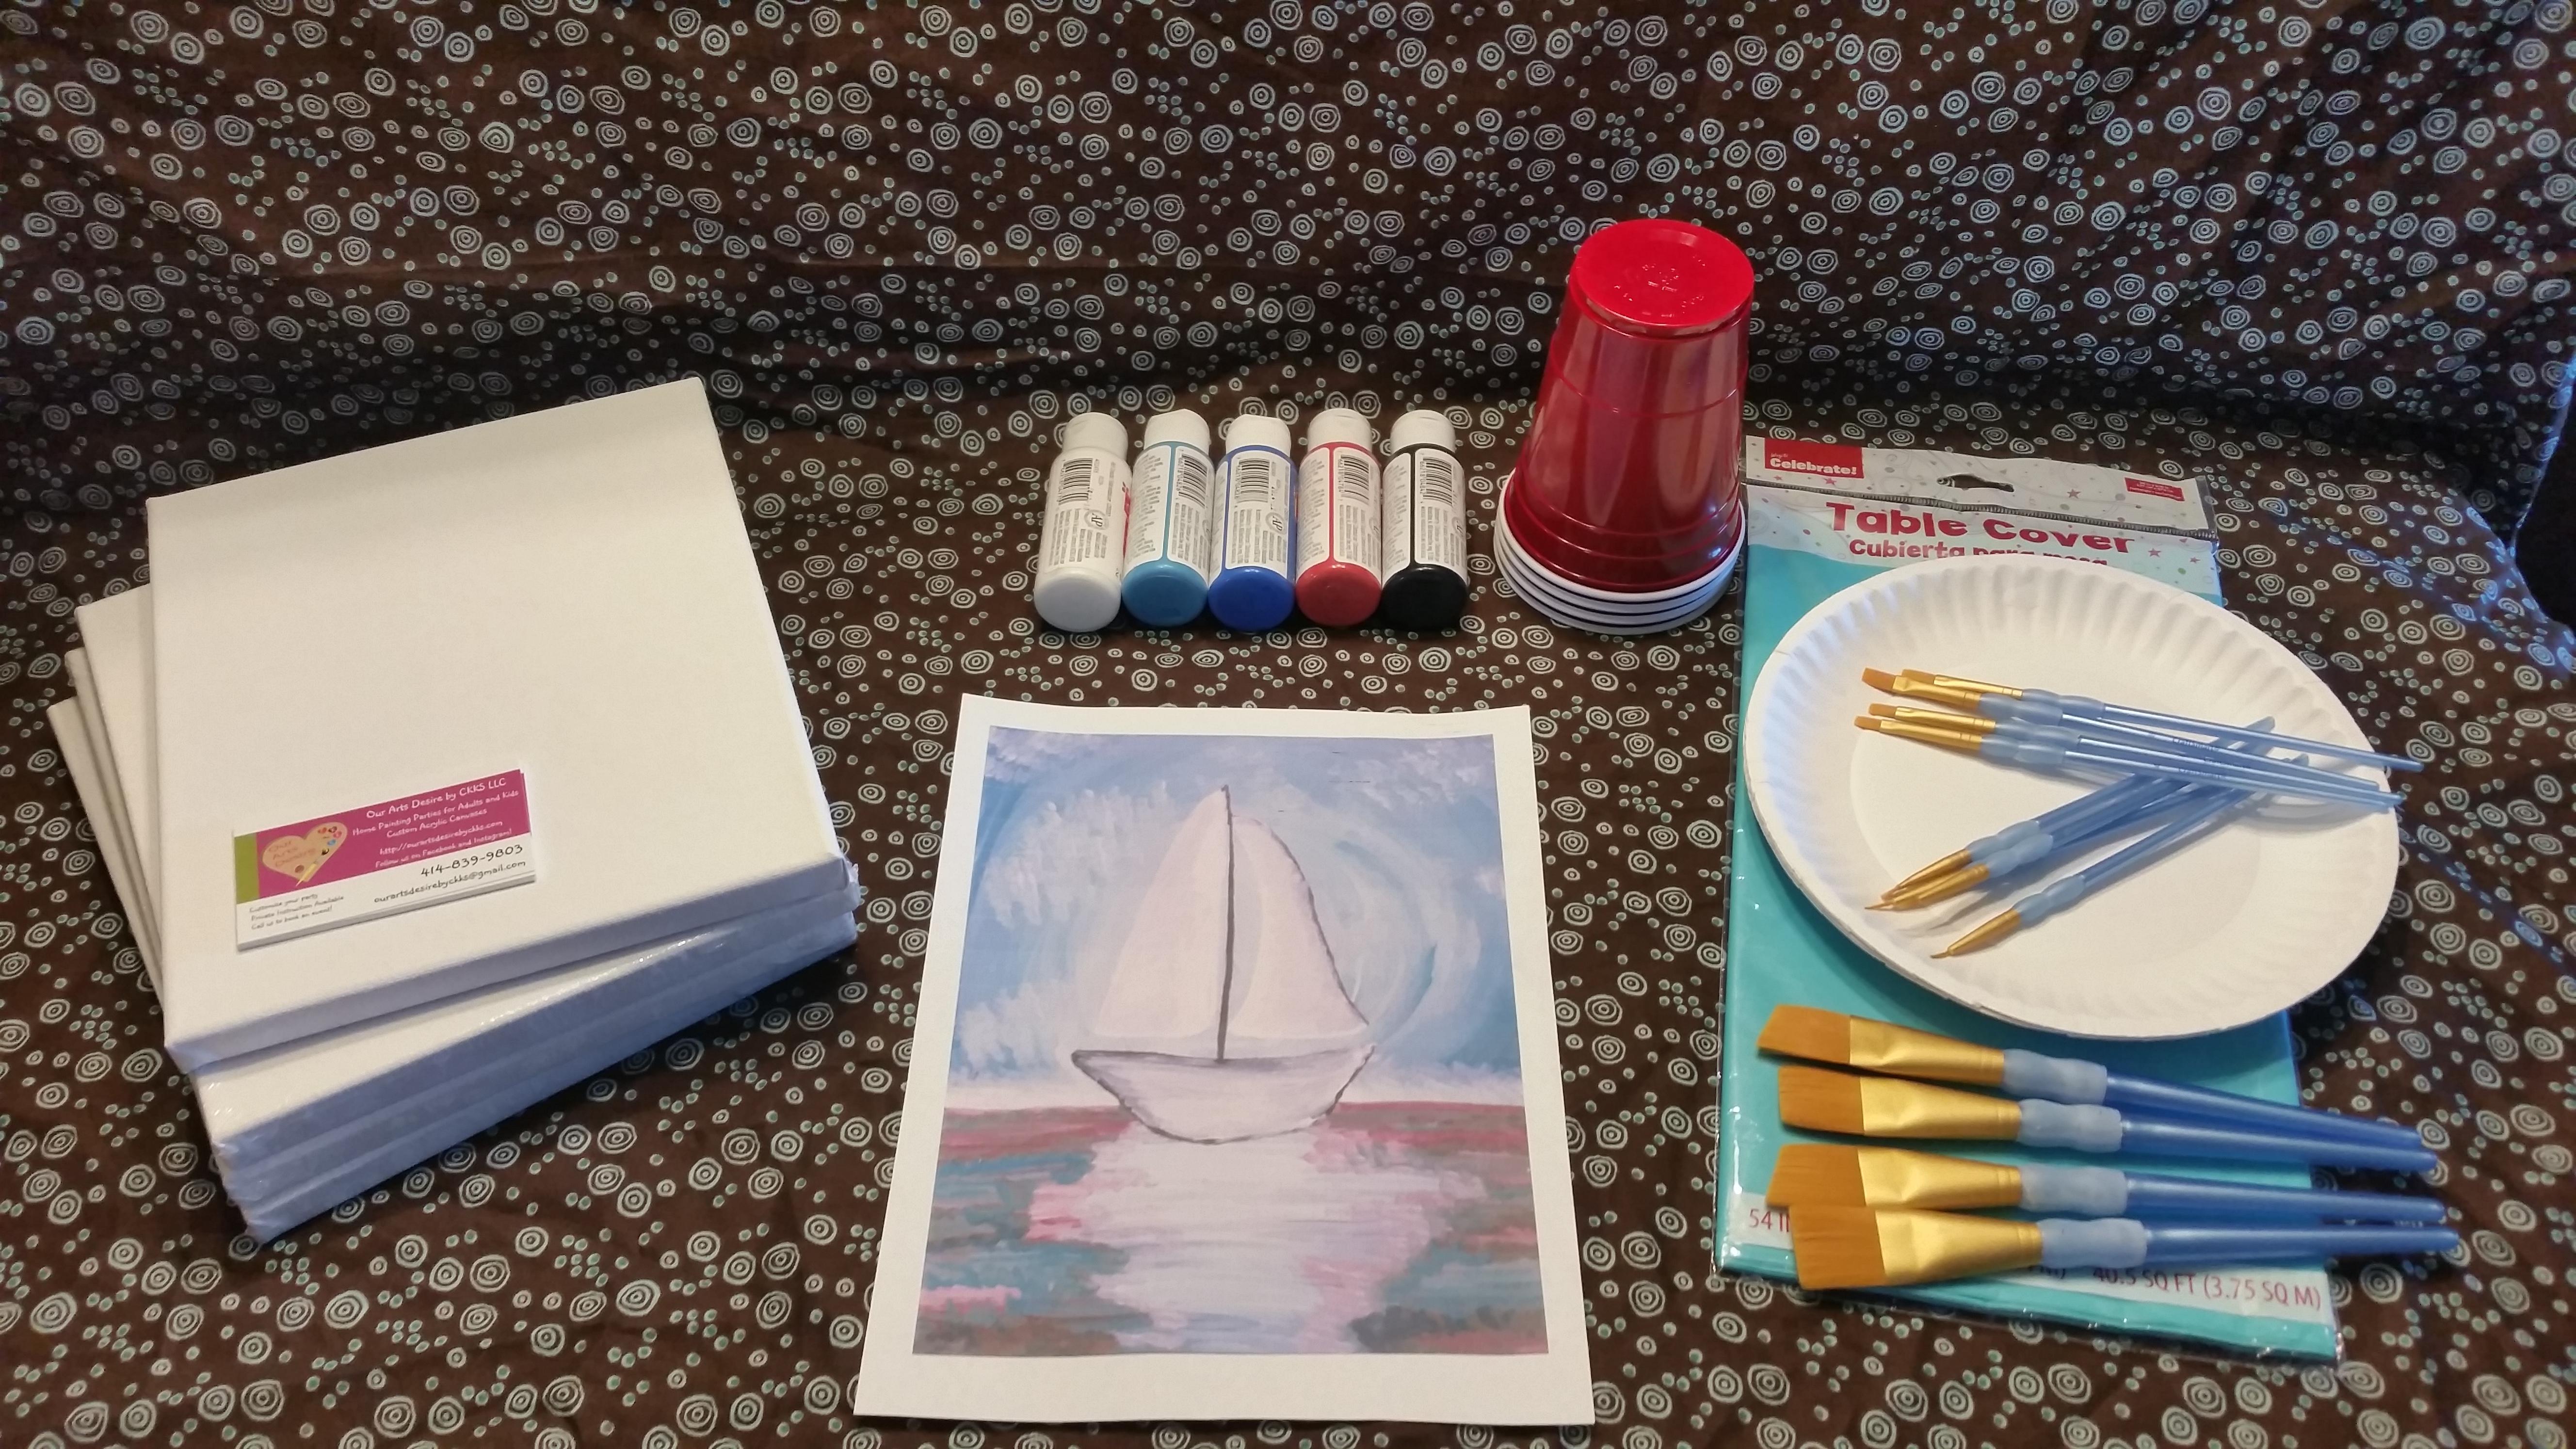 sailboat art box example.jpg